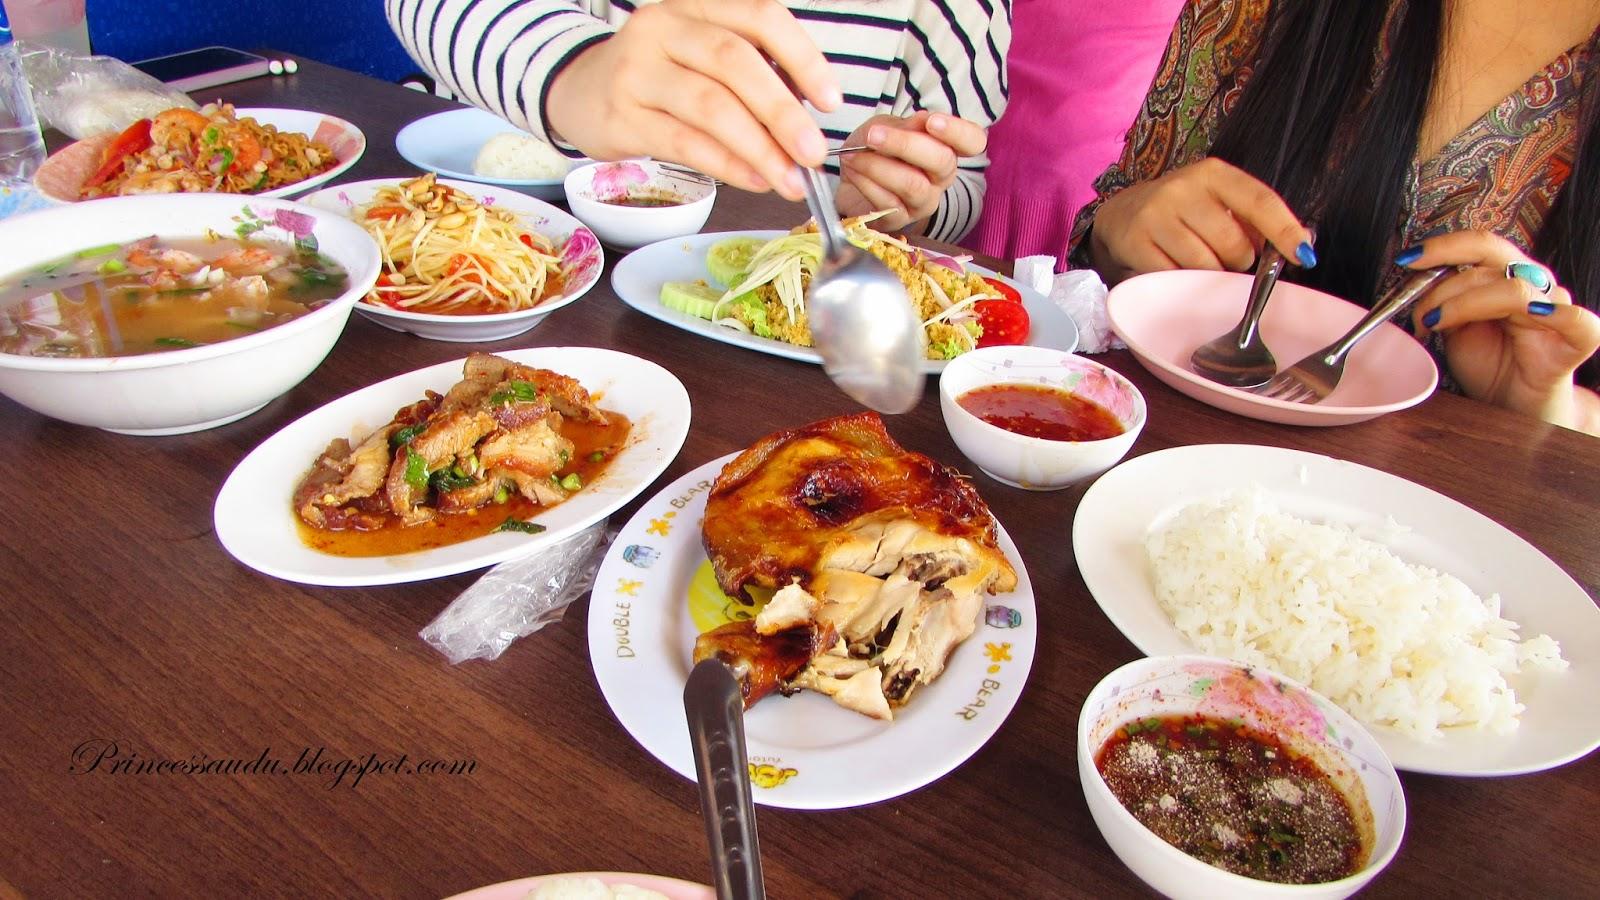 Bangkok, Thailand, travel Isaan Food Som Tam (Papaya Salad), Khao Man Gai (Barbecued Chicken and Rice), Tom Seap Talay (Sour Seafood Soup)